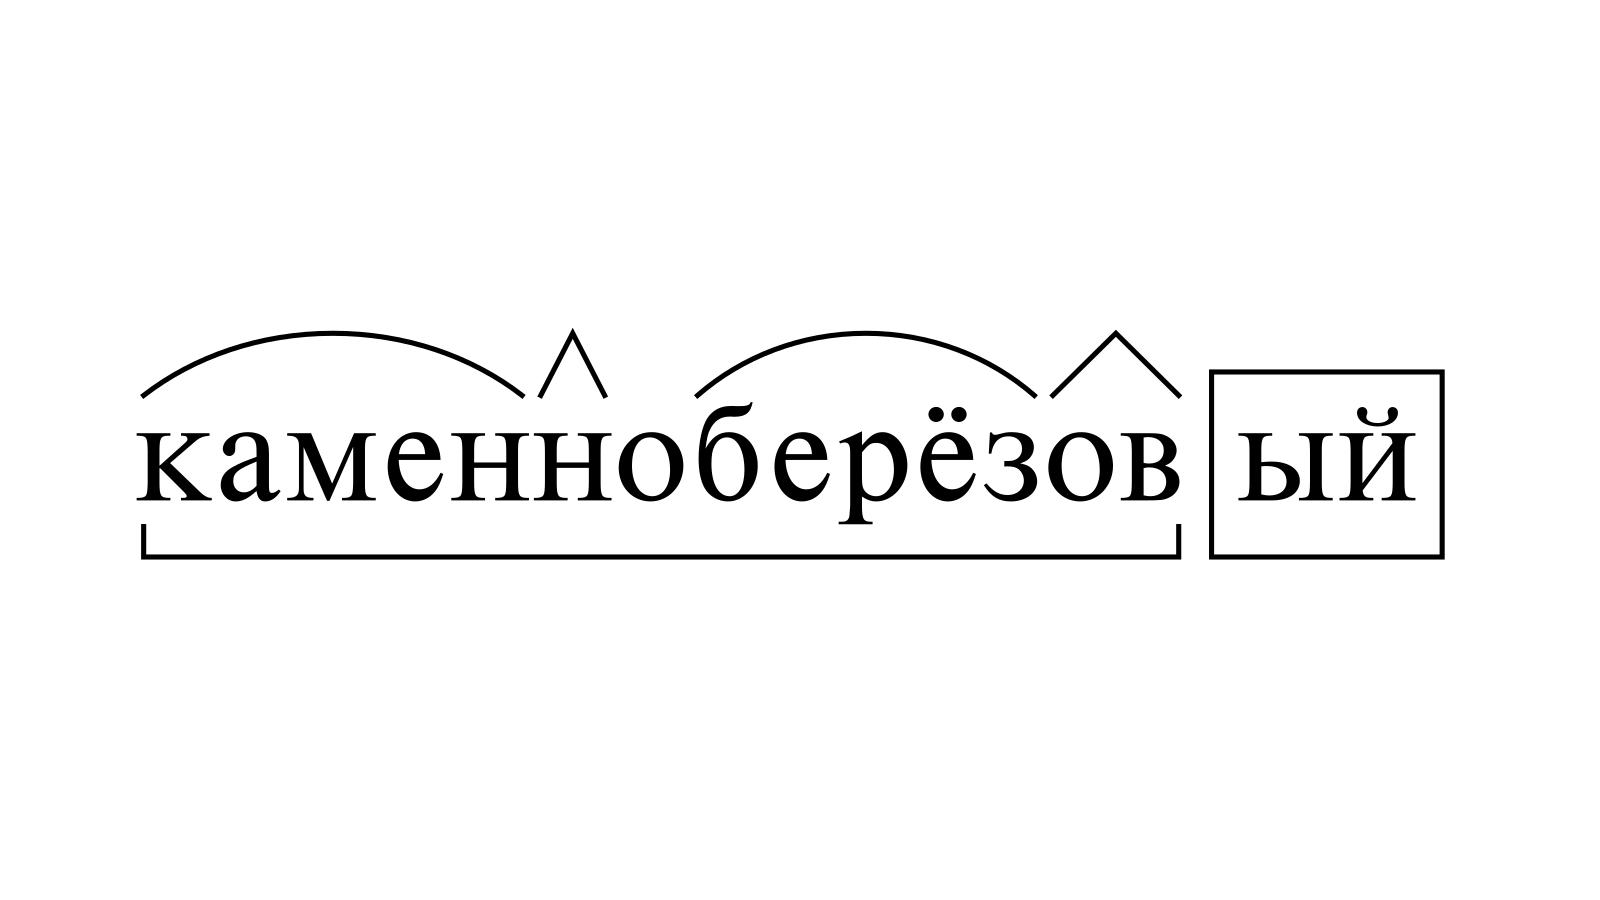 Разбор слова «каменноберёзовый» по составу